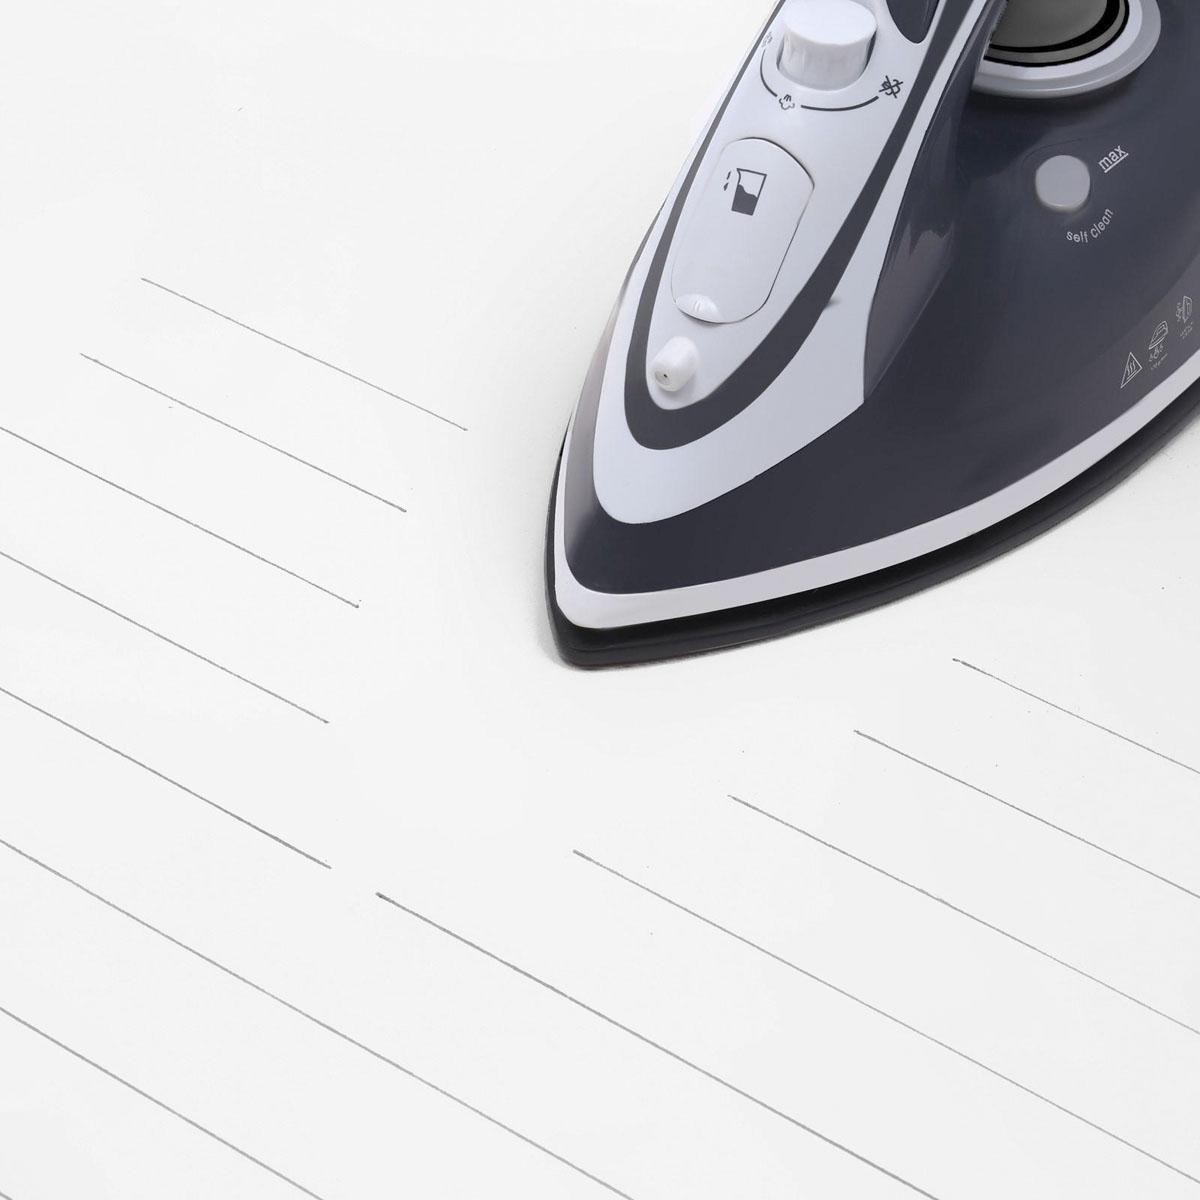 4461201 Ручка для ткани термоисчез чёрный